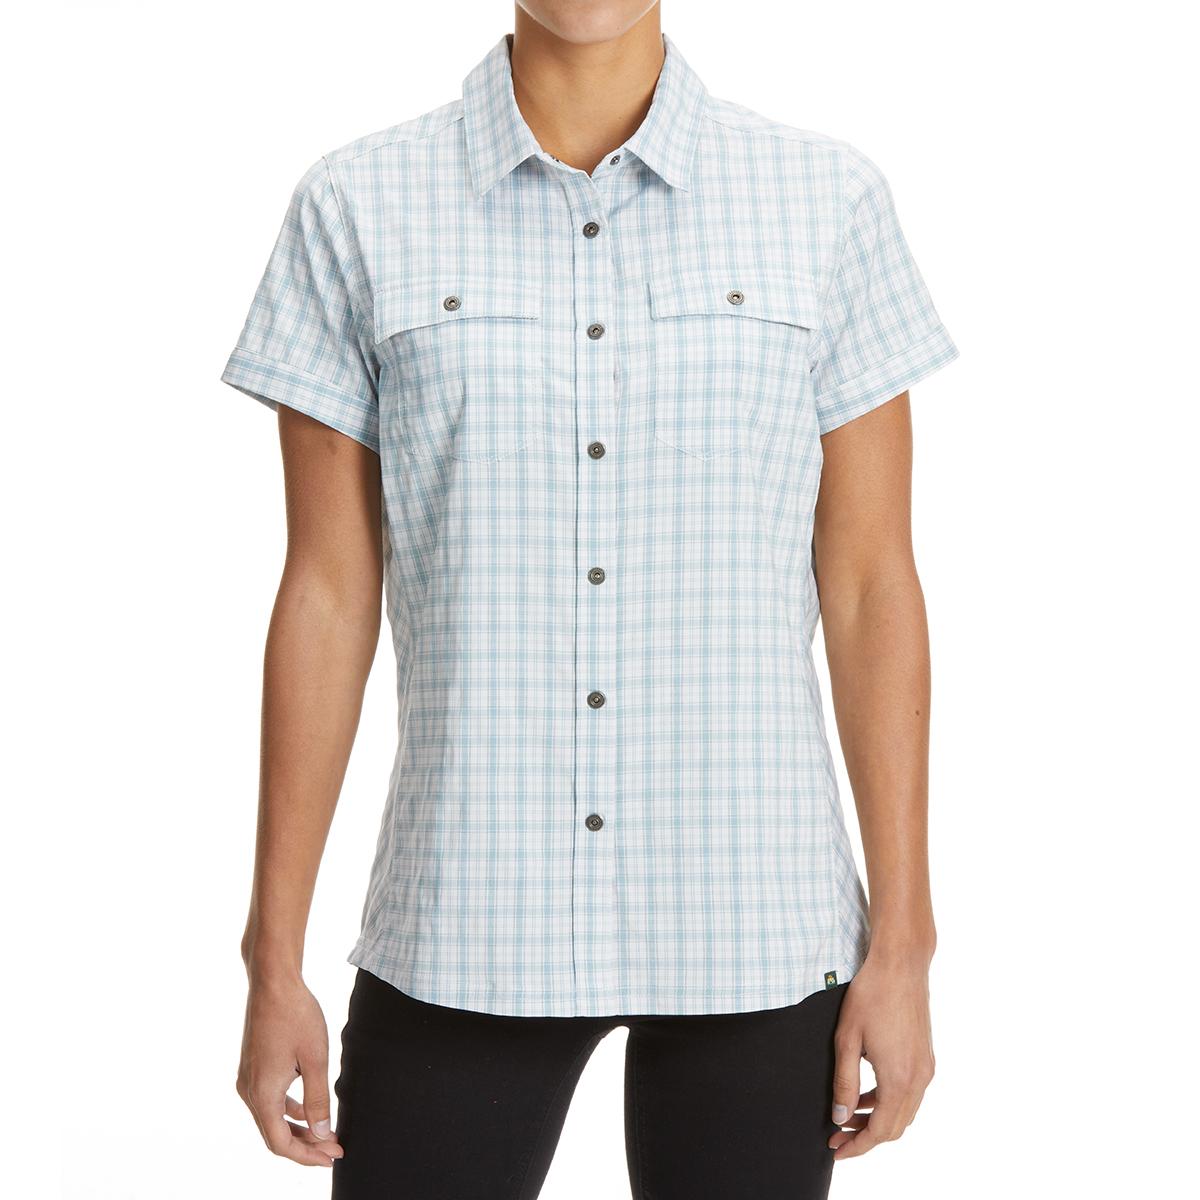 Ems Women's Journey Woven Short-Sleeve Shirt - Blue, S